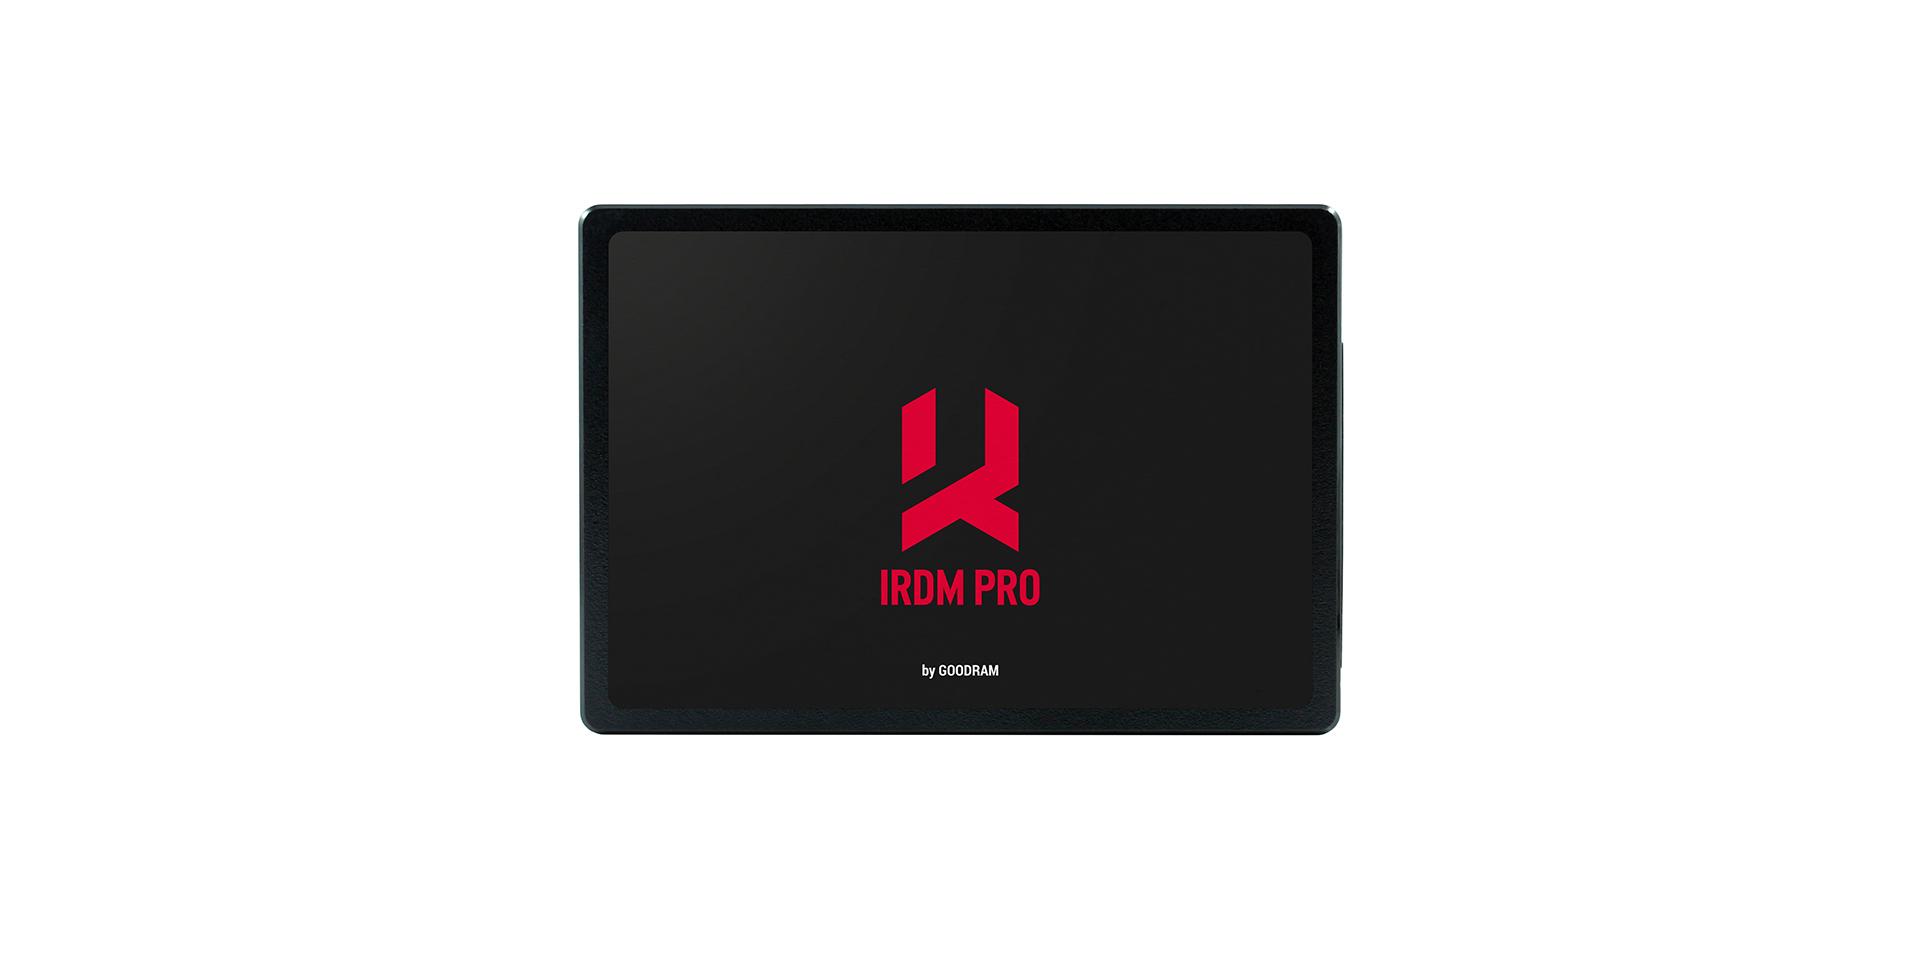 IRDM PRO SSD